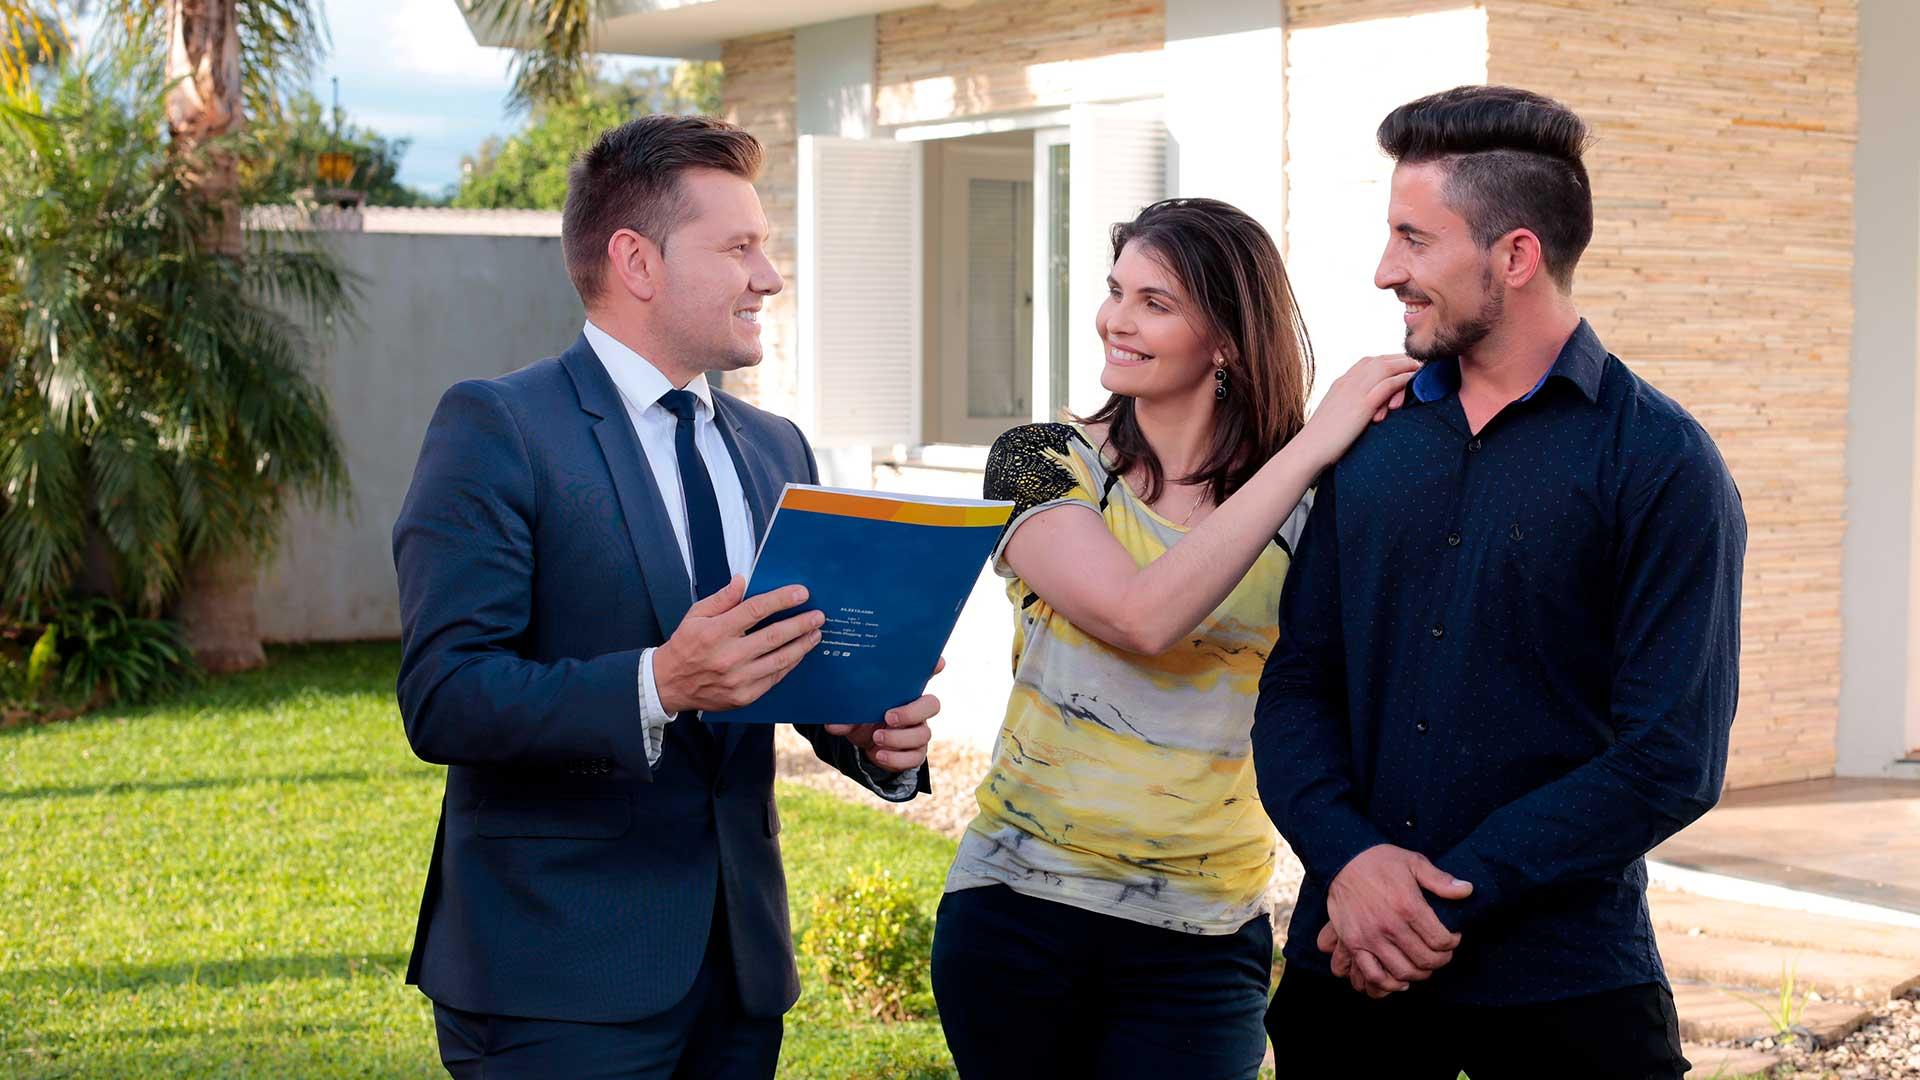 Aumenta a procura por casas em Passo Fundo